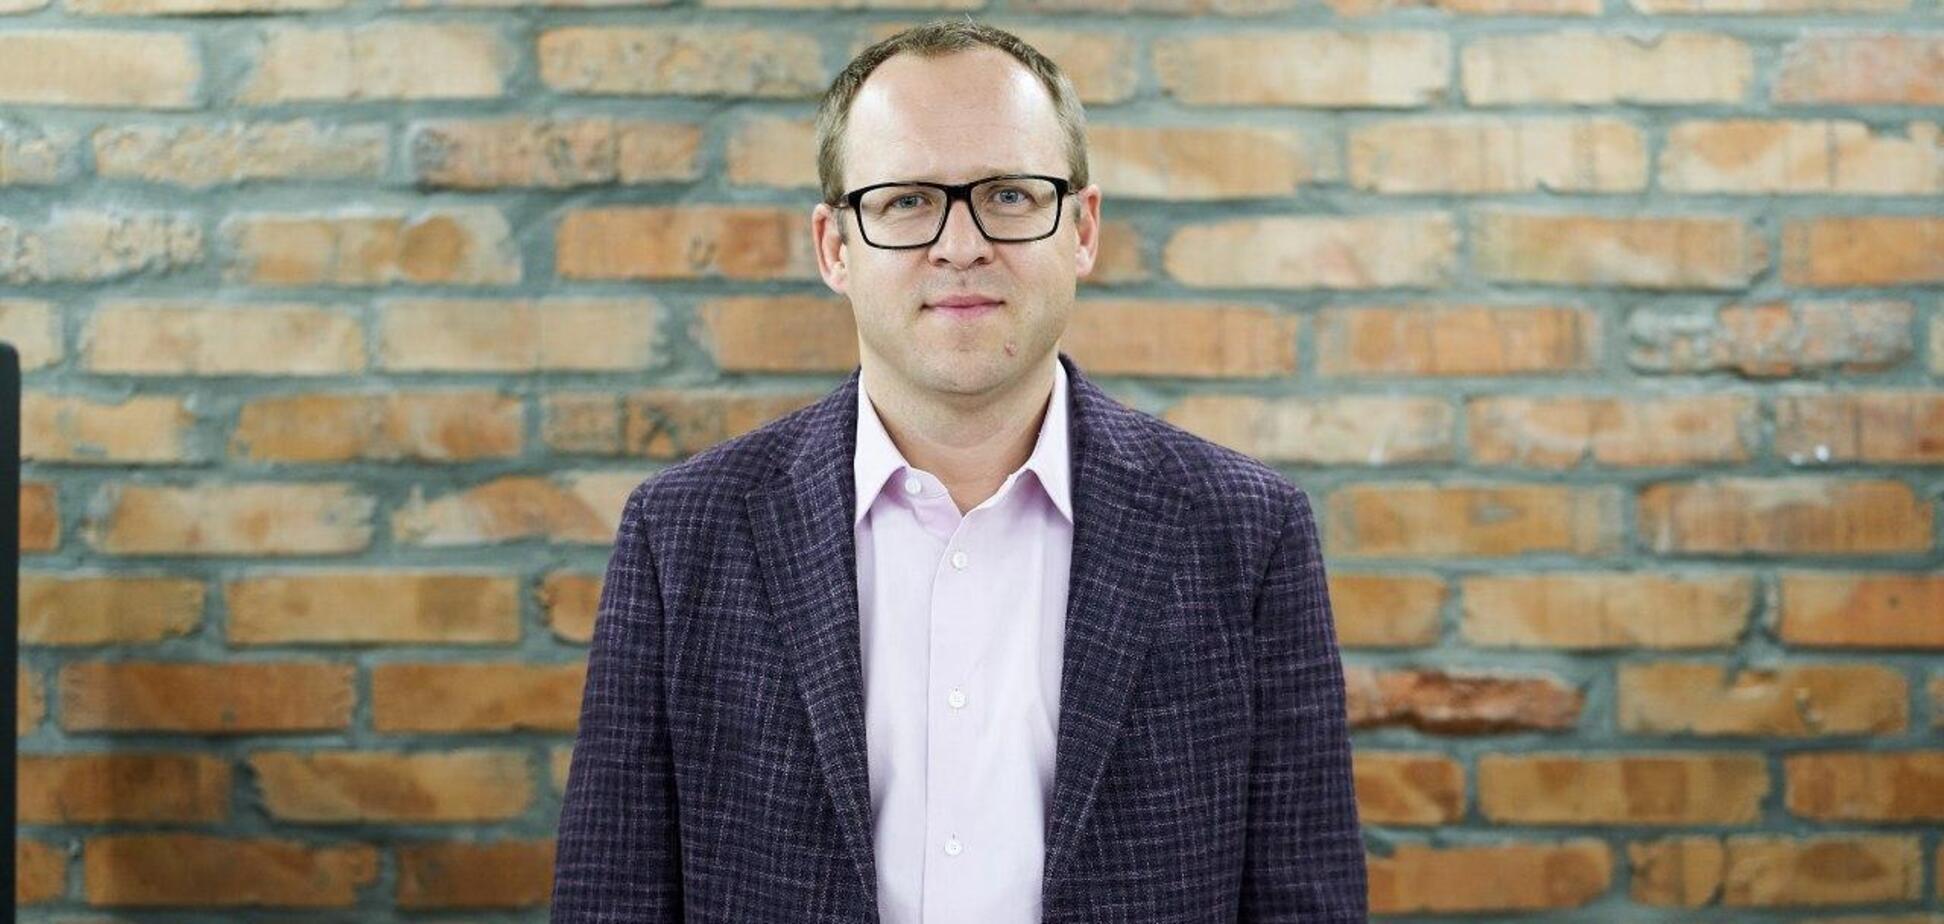 Юрий Назаров: 'Инновации, которые мы мечтали вводить в перспективе 10-15 лет, реализуются на глазах'